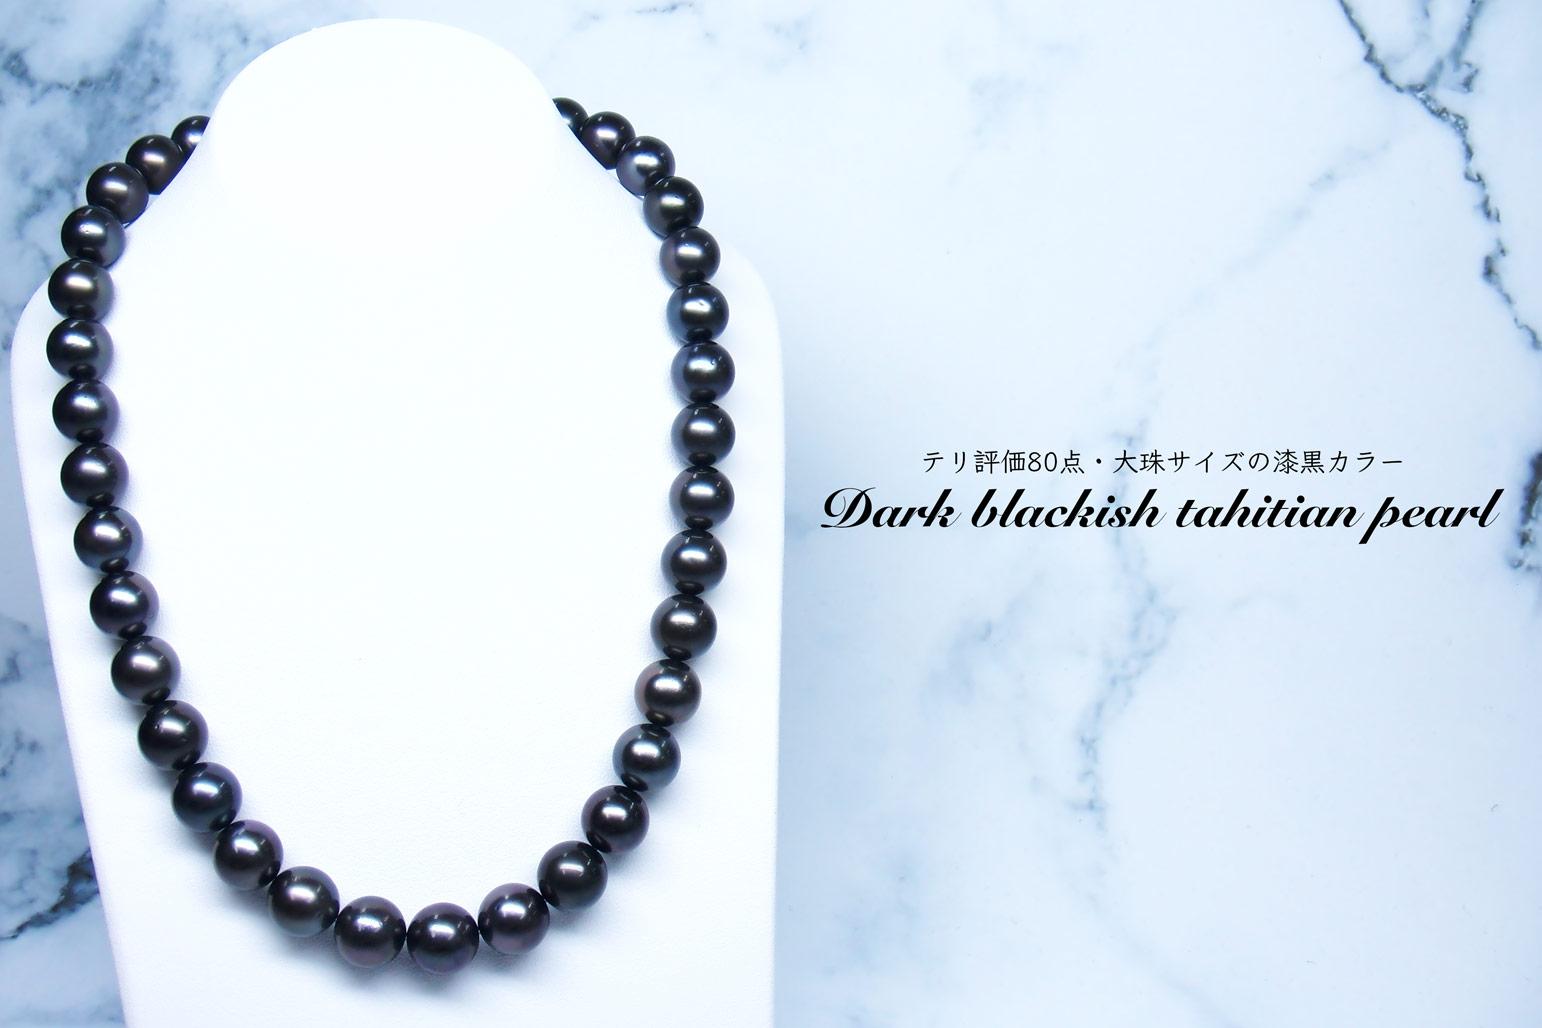 《真珠大卸からの直販》■定番サイズよりもワンサイズ大きい漆黒のブラックカラー■黒蝶真珠ネックレス[ラウンド系] 10.9-12mm【送料無料】